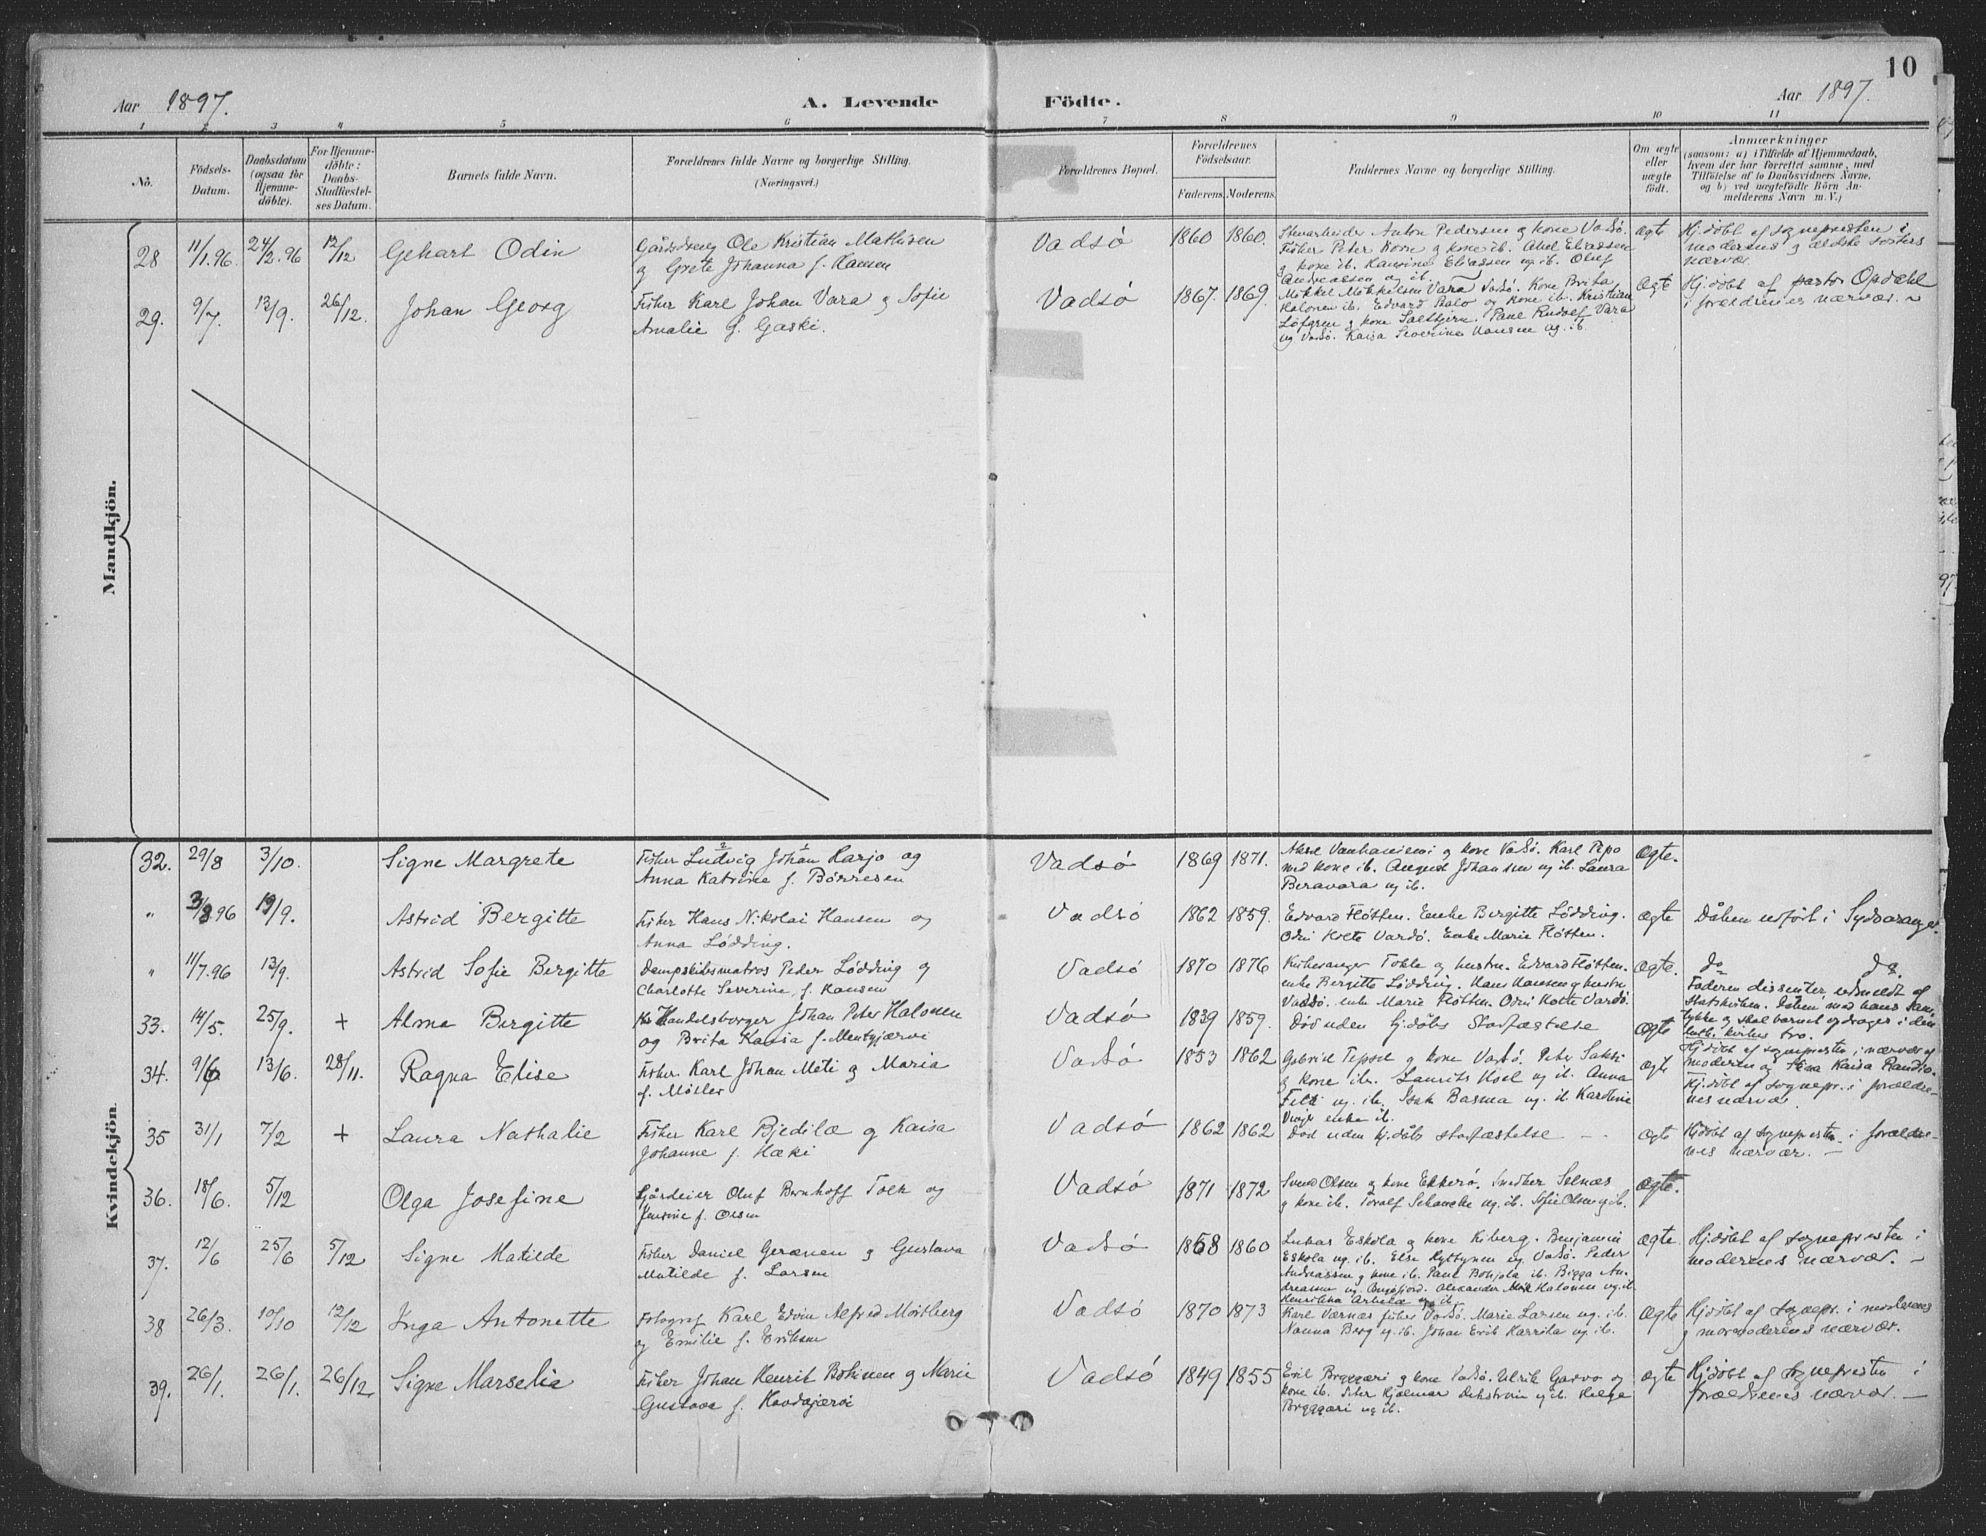 SATØ, Vadsø sokneprestkontor, H/Ha/L0007kirke: Ministerialbok nr. 7, 1896-1916, s. 10